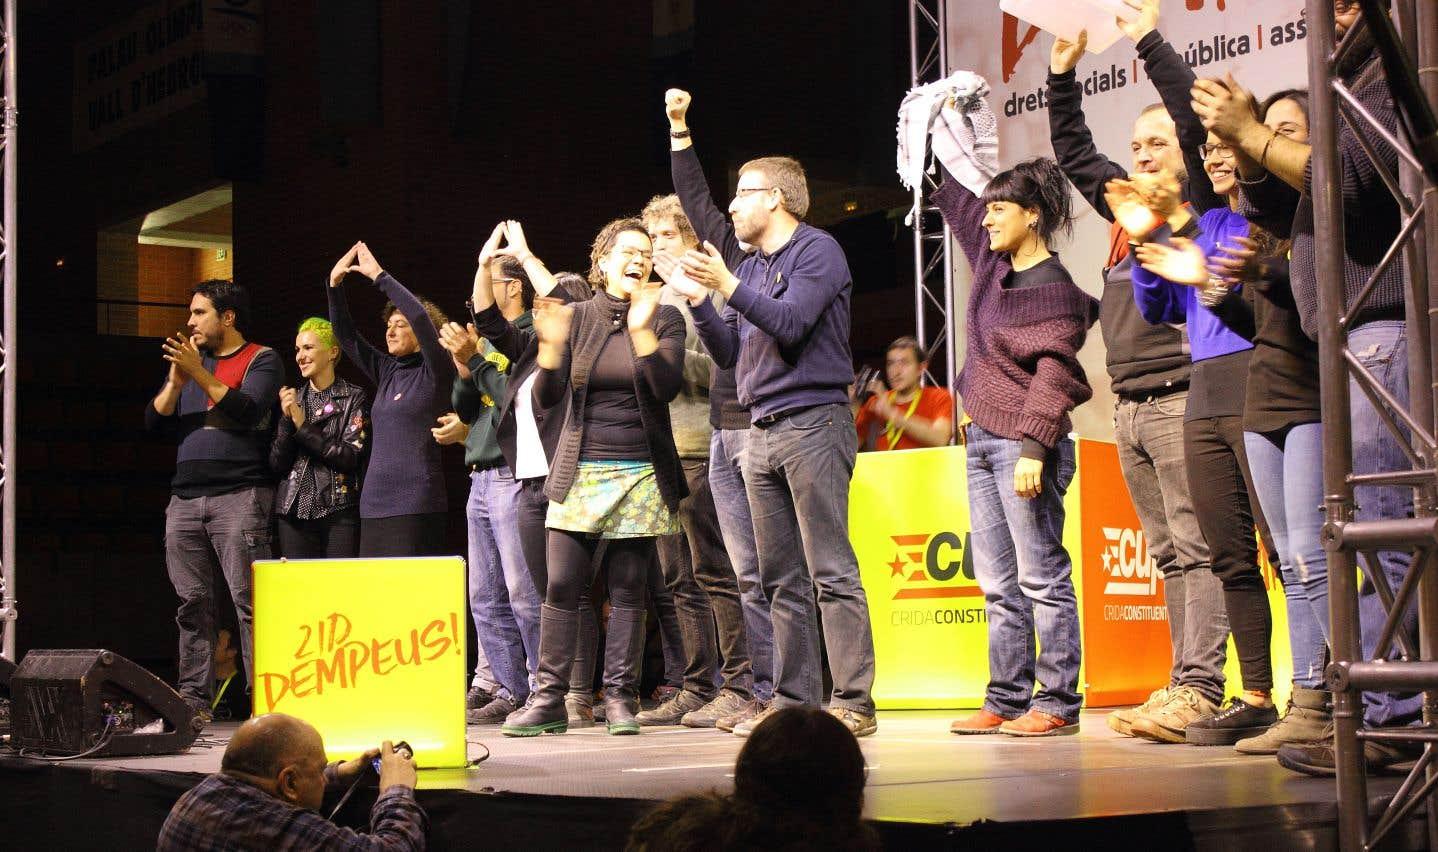 À la Candidatura d'unitat popular (CUP), les décisions se prennent dans les assemblées au niveau local, au nombre de 154, puis remontent vers les 13 assemblées territoriales et le Conseil politique.